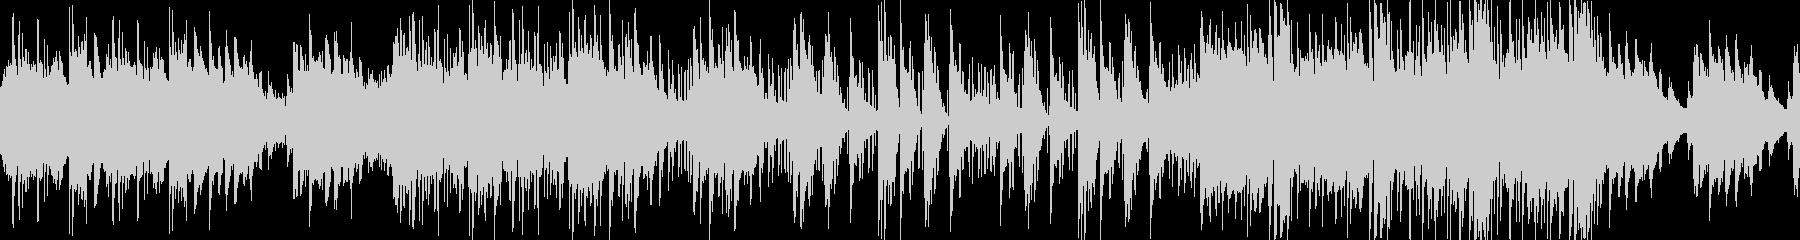 ピアノが印象的な切なく落ち着いたBGMの未再生の波形